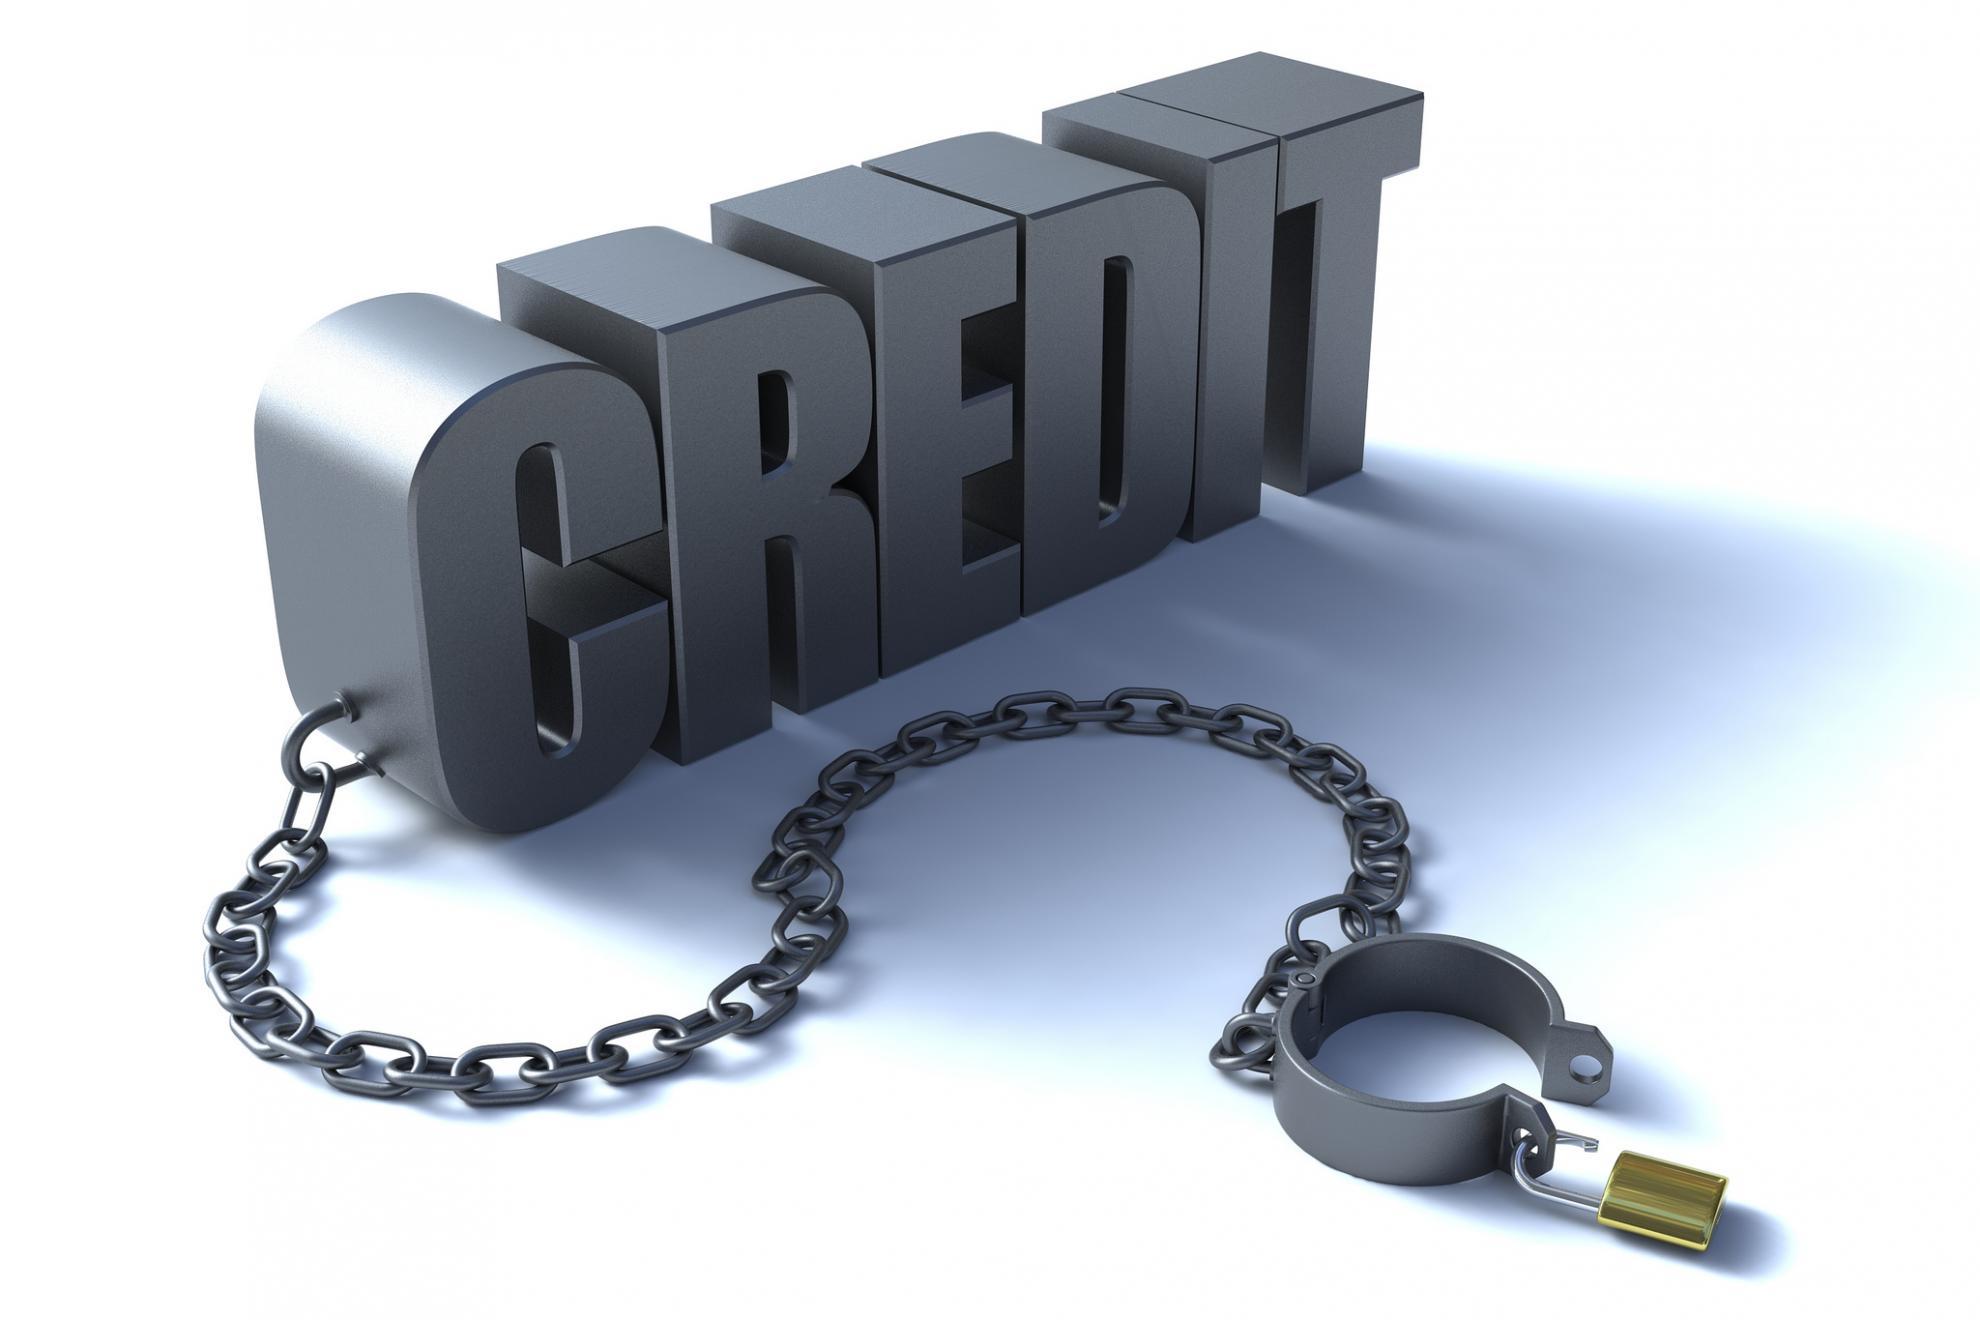 Микрокредиты, полученные мошенниками на других людей, хотят списывать